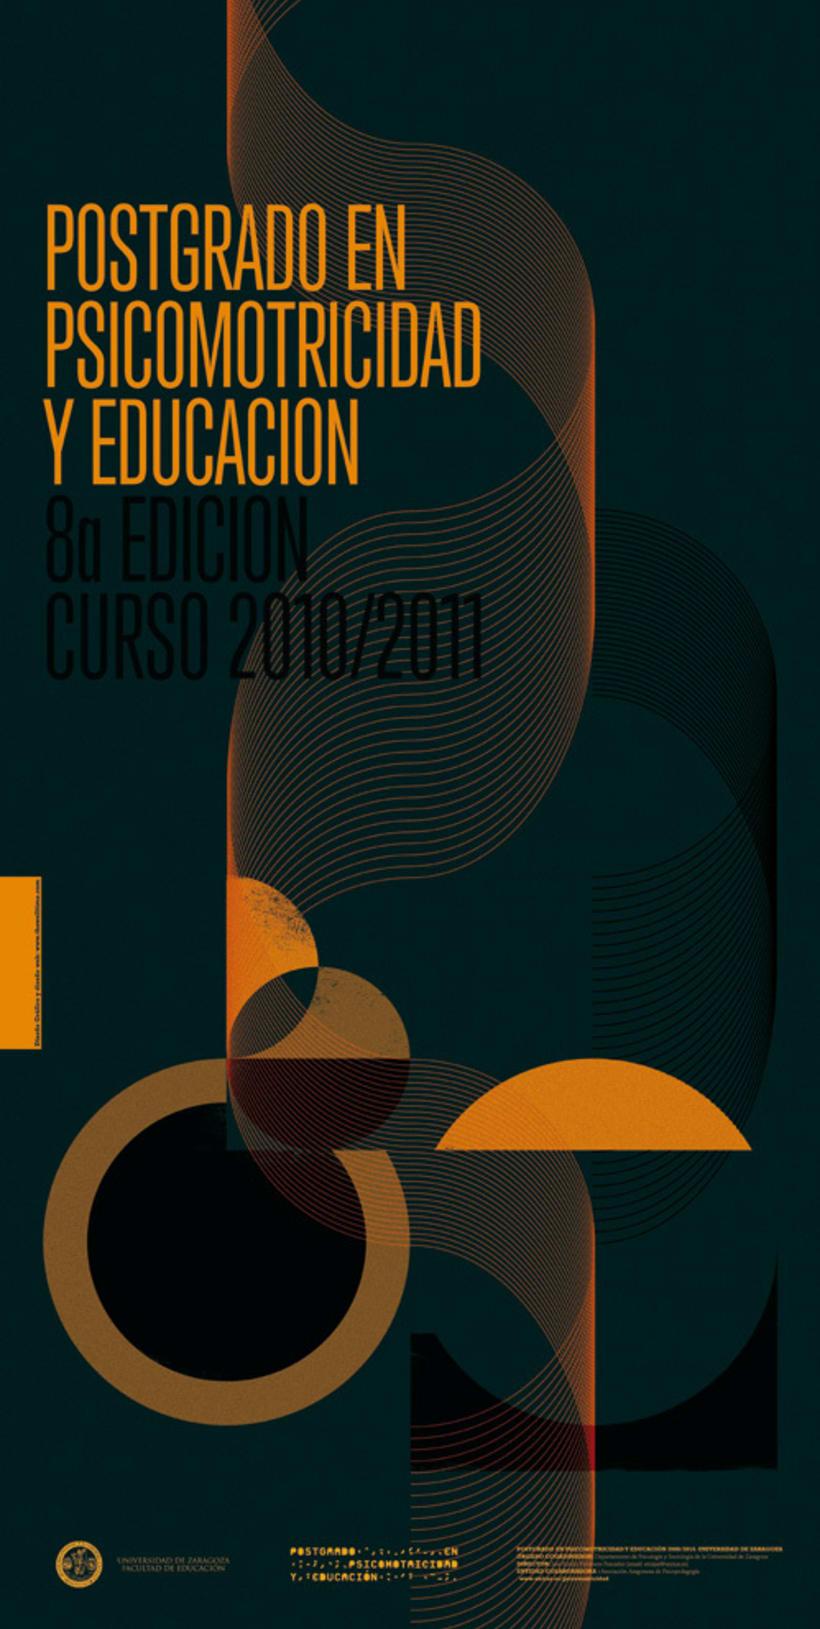 Psicomotricidad y Educación 2010 1